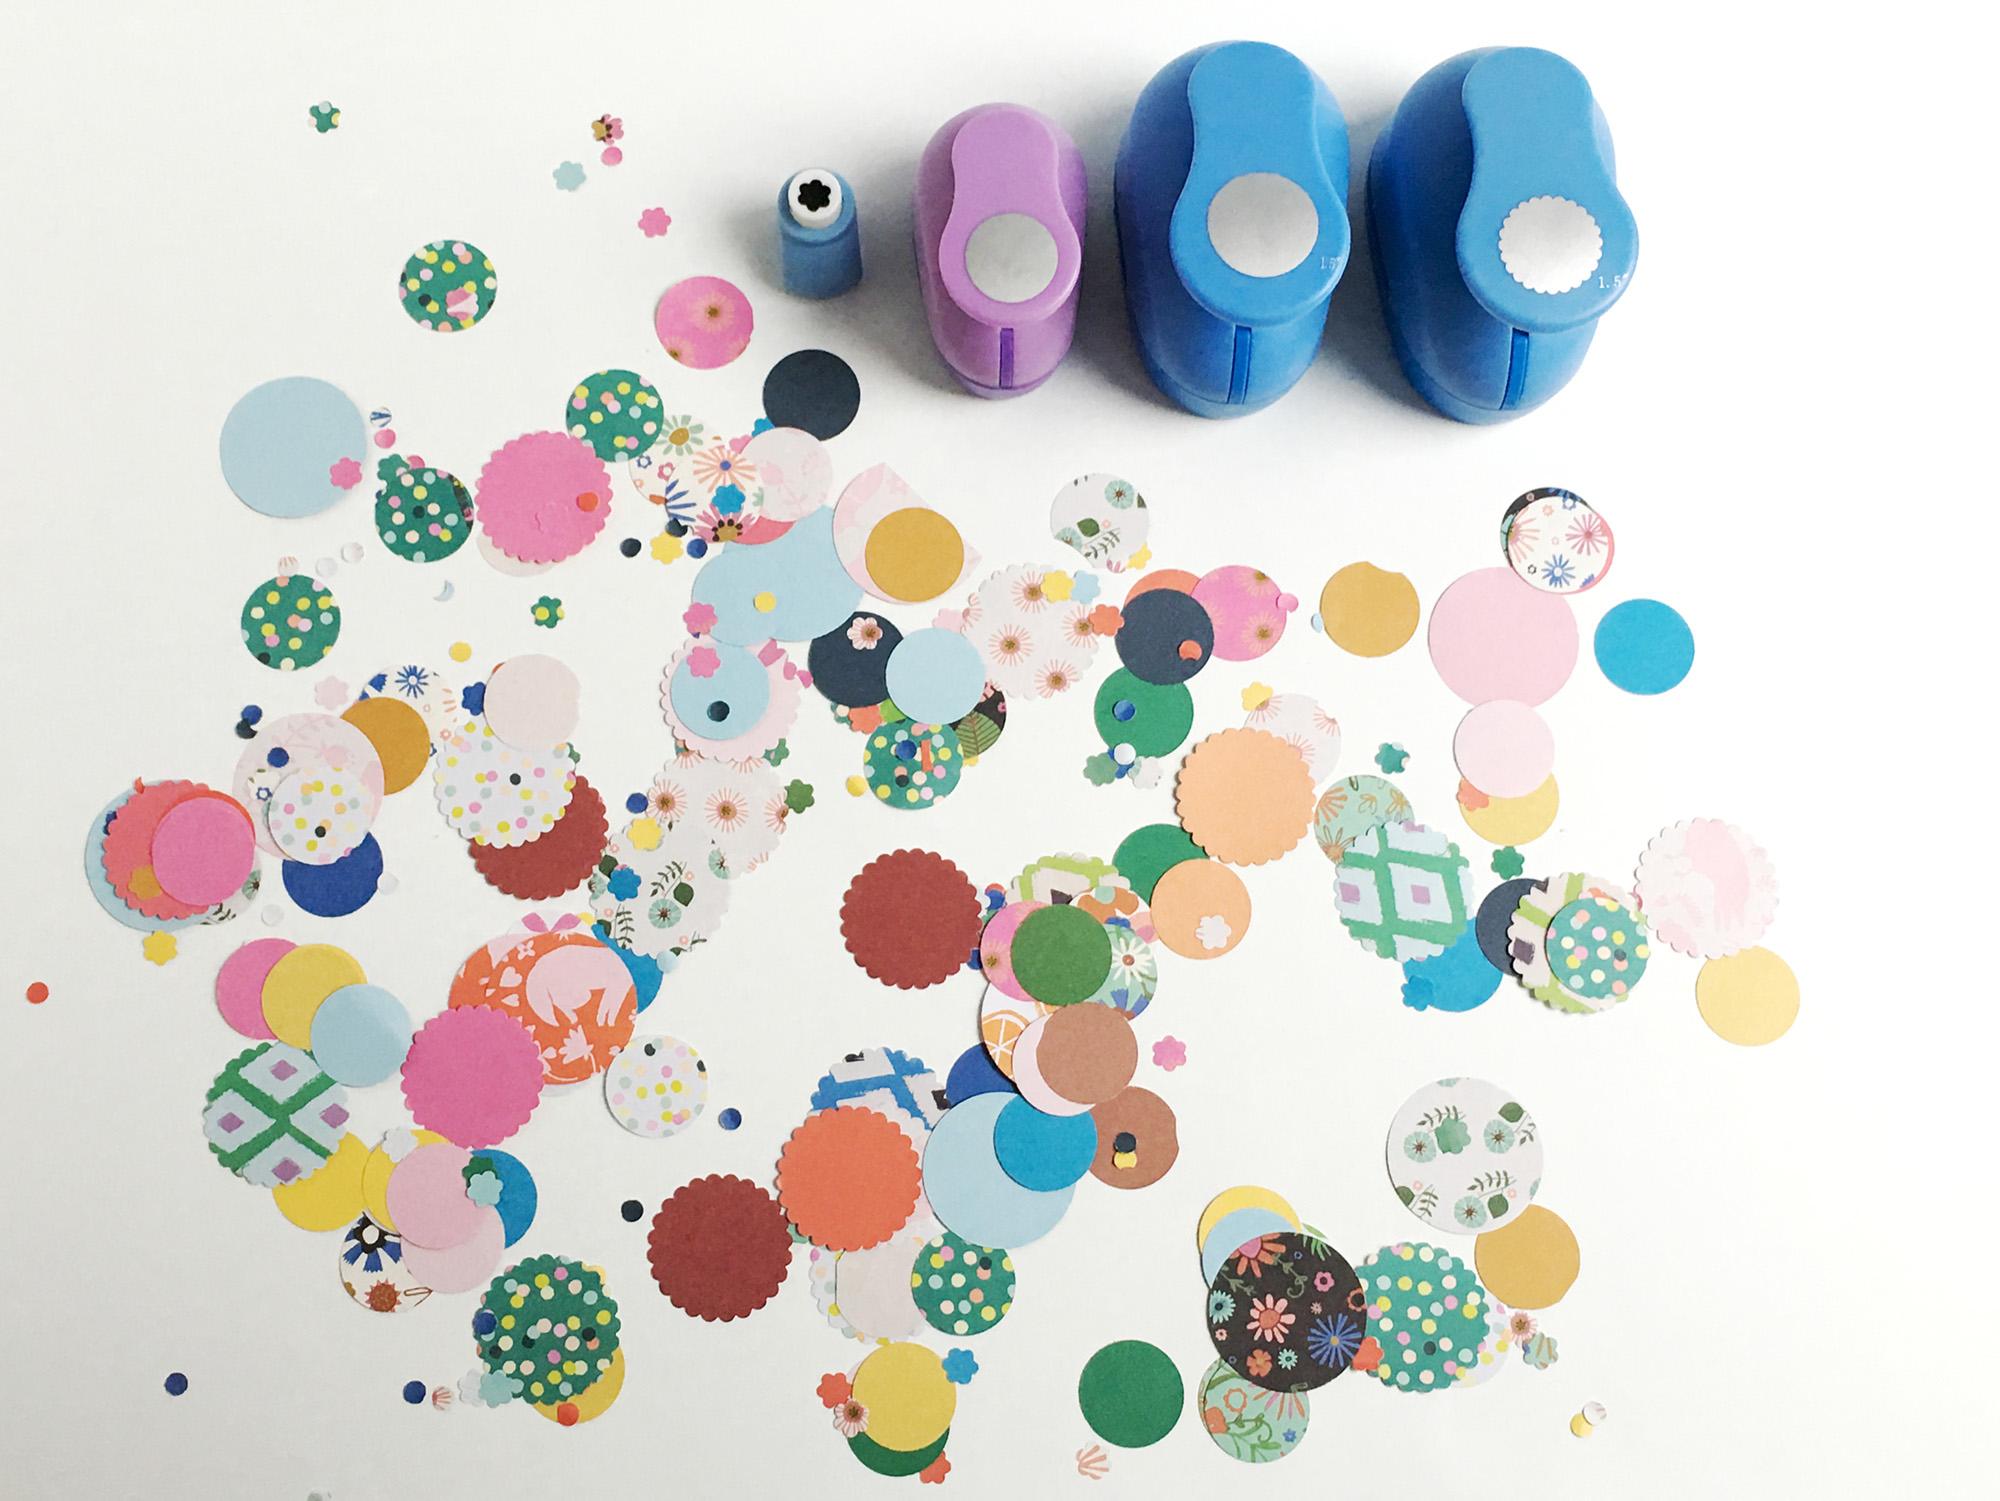 03_BPL confetti maken_klein